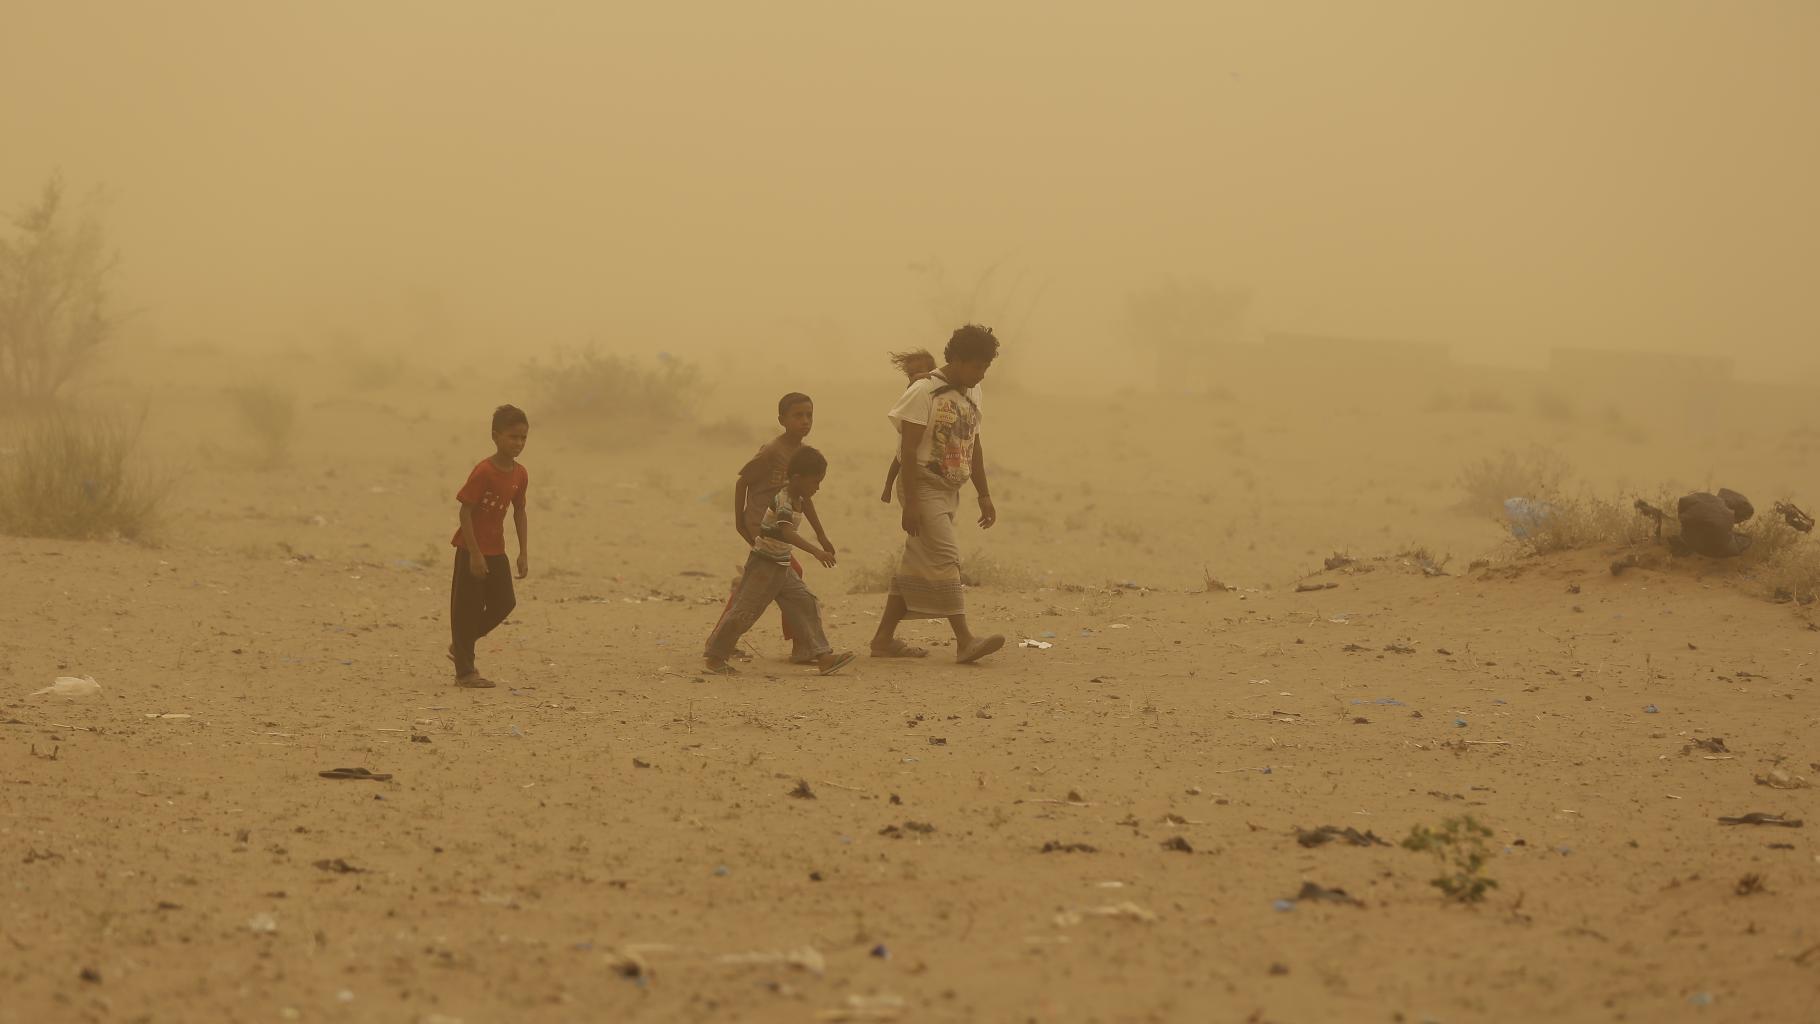 Ahmed flieht mit seinen Kindern aus Jemens Hafenstadt Al-Hudaida